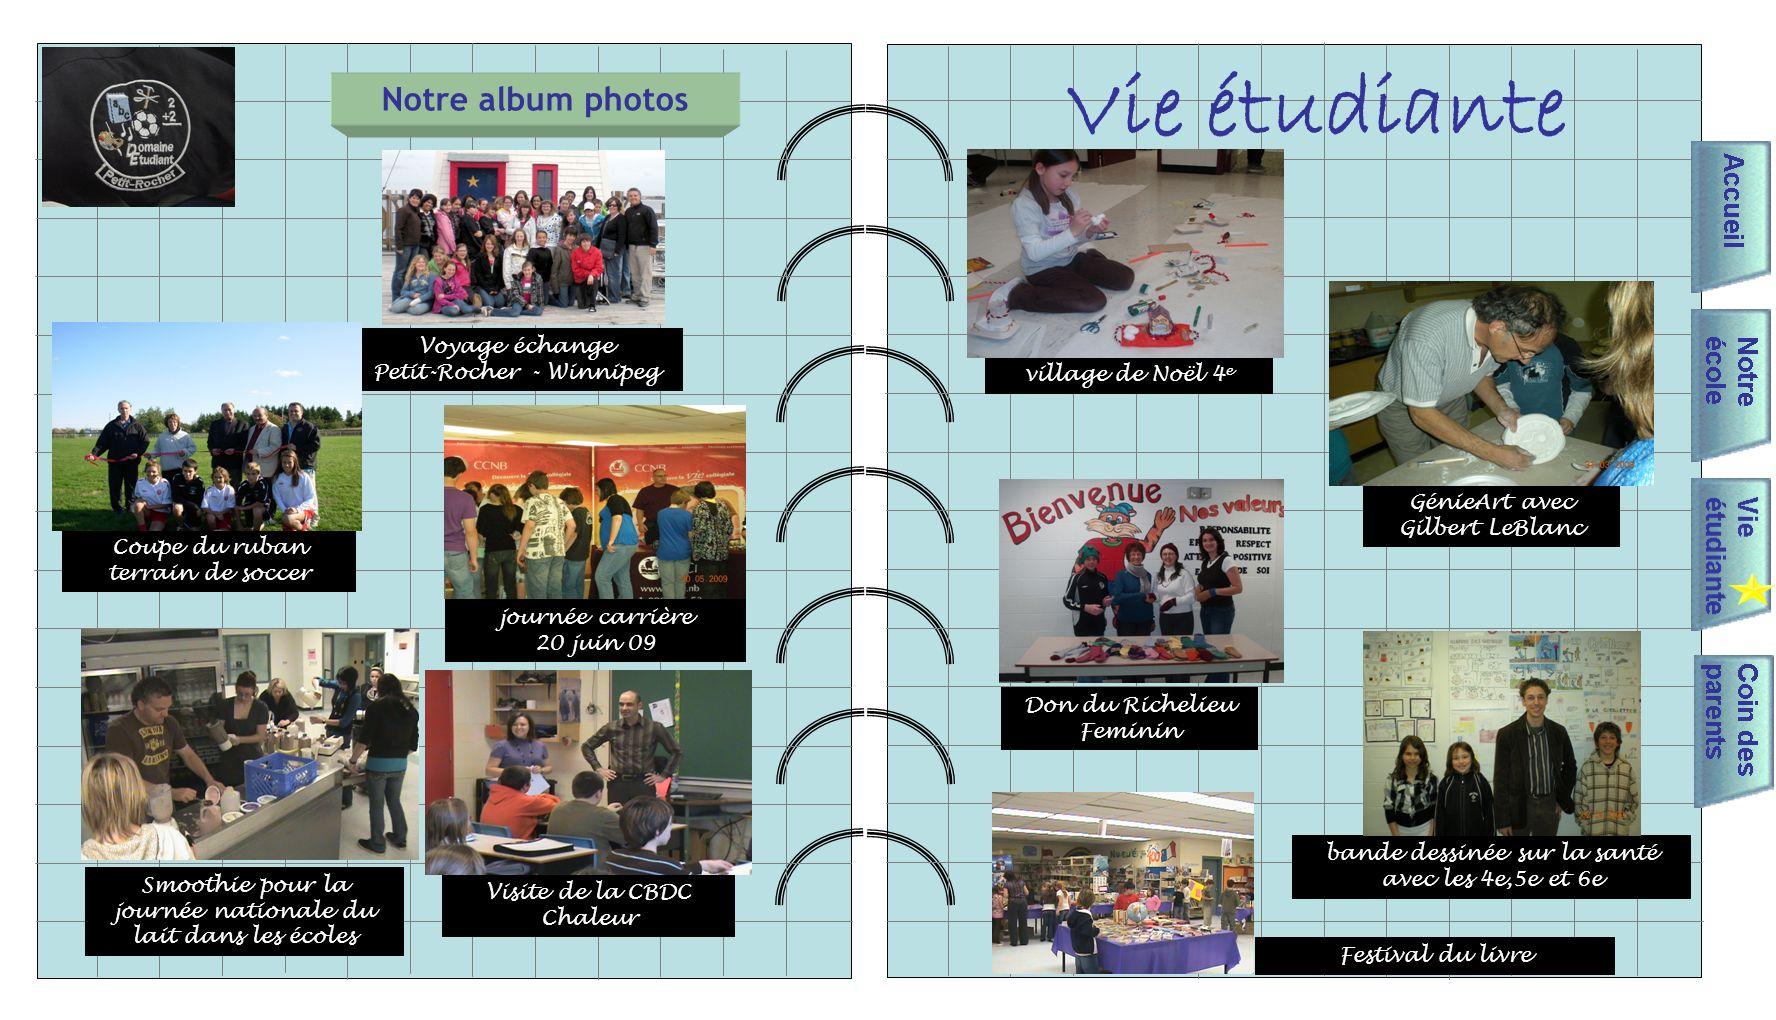 Vie étudiante Notre album photos